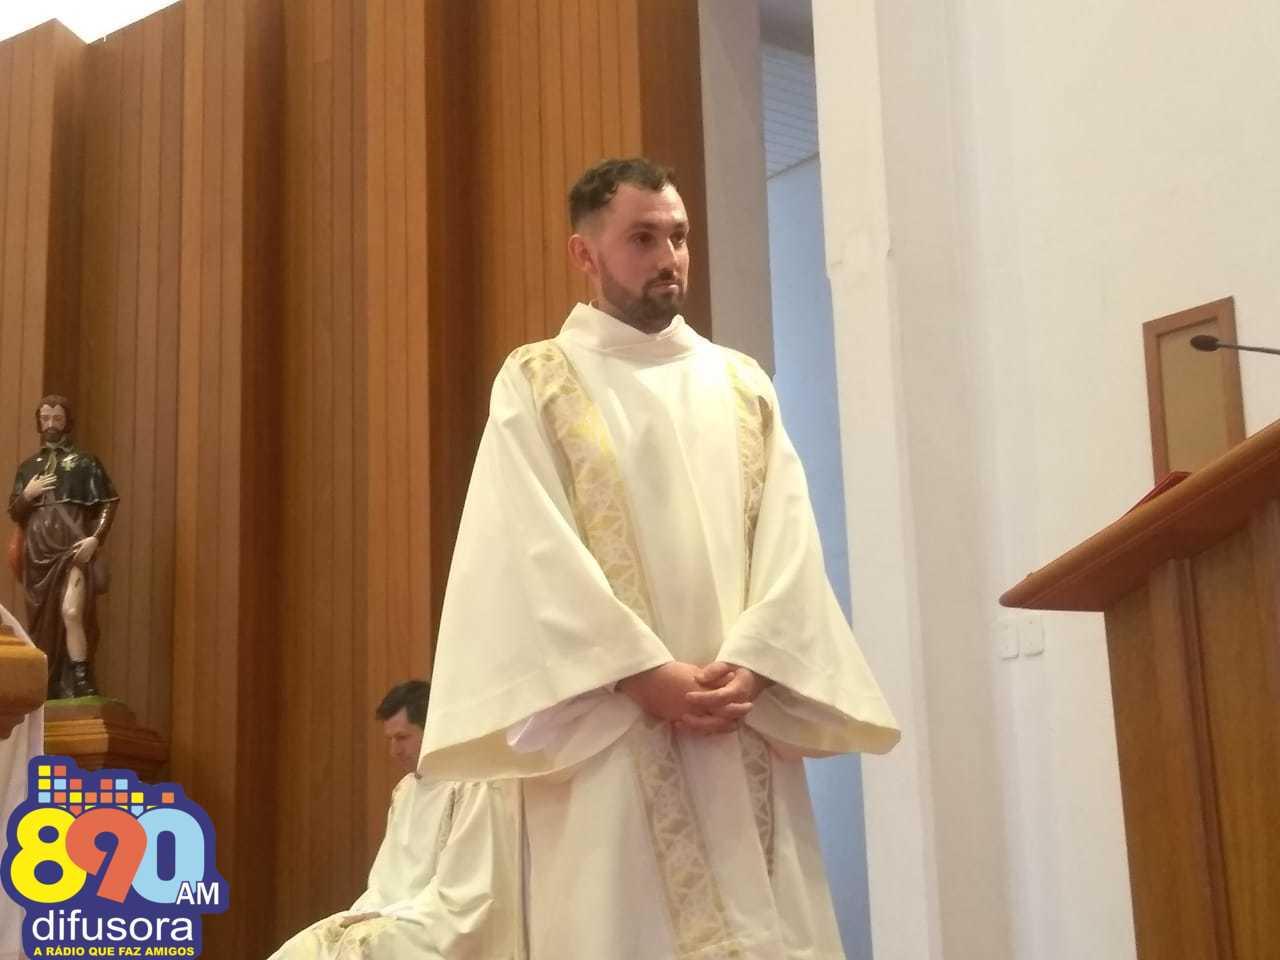 Realizada a ordenação diaconal de Miguel Mosena na Paróquia São Roque em Bento